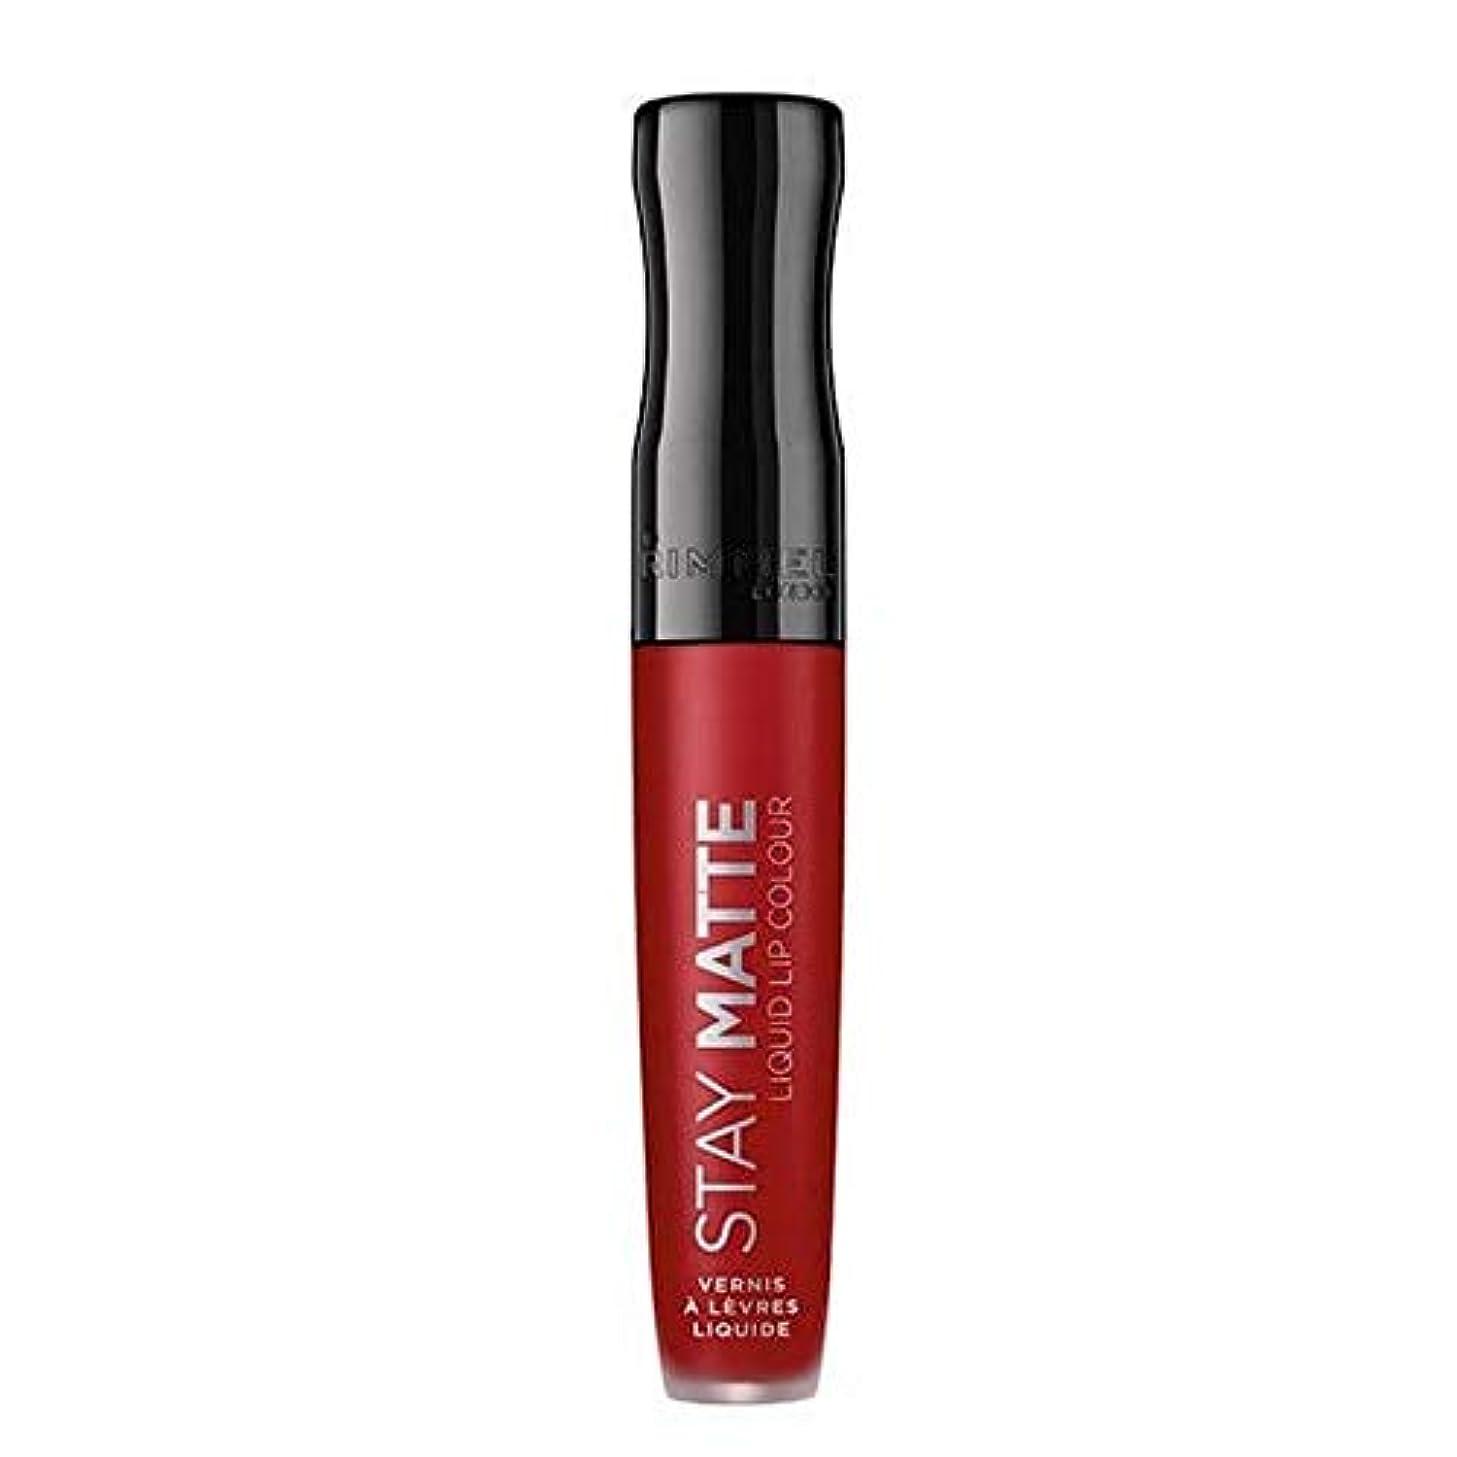 二次ヒット望遠鏡[Rimmel ] リンメルステイマット液状口紅火災スターター500 - Rimmel Stay Matte Liquid Lipstick Fire Starter 500 [並行輸入品]